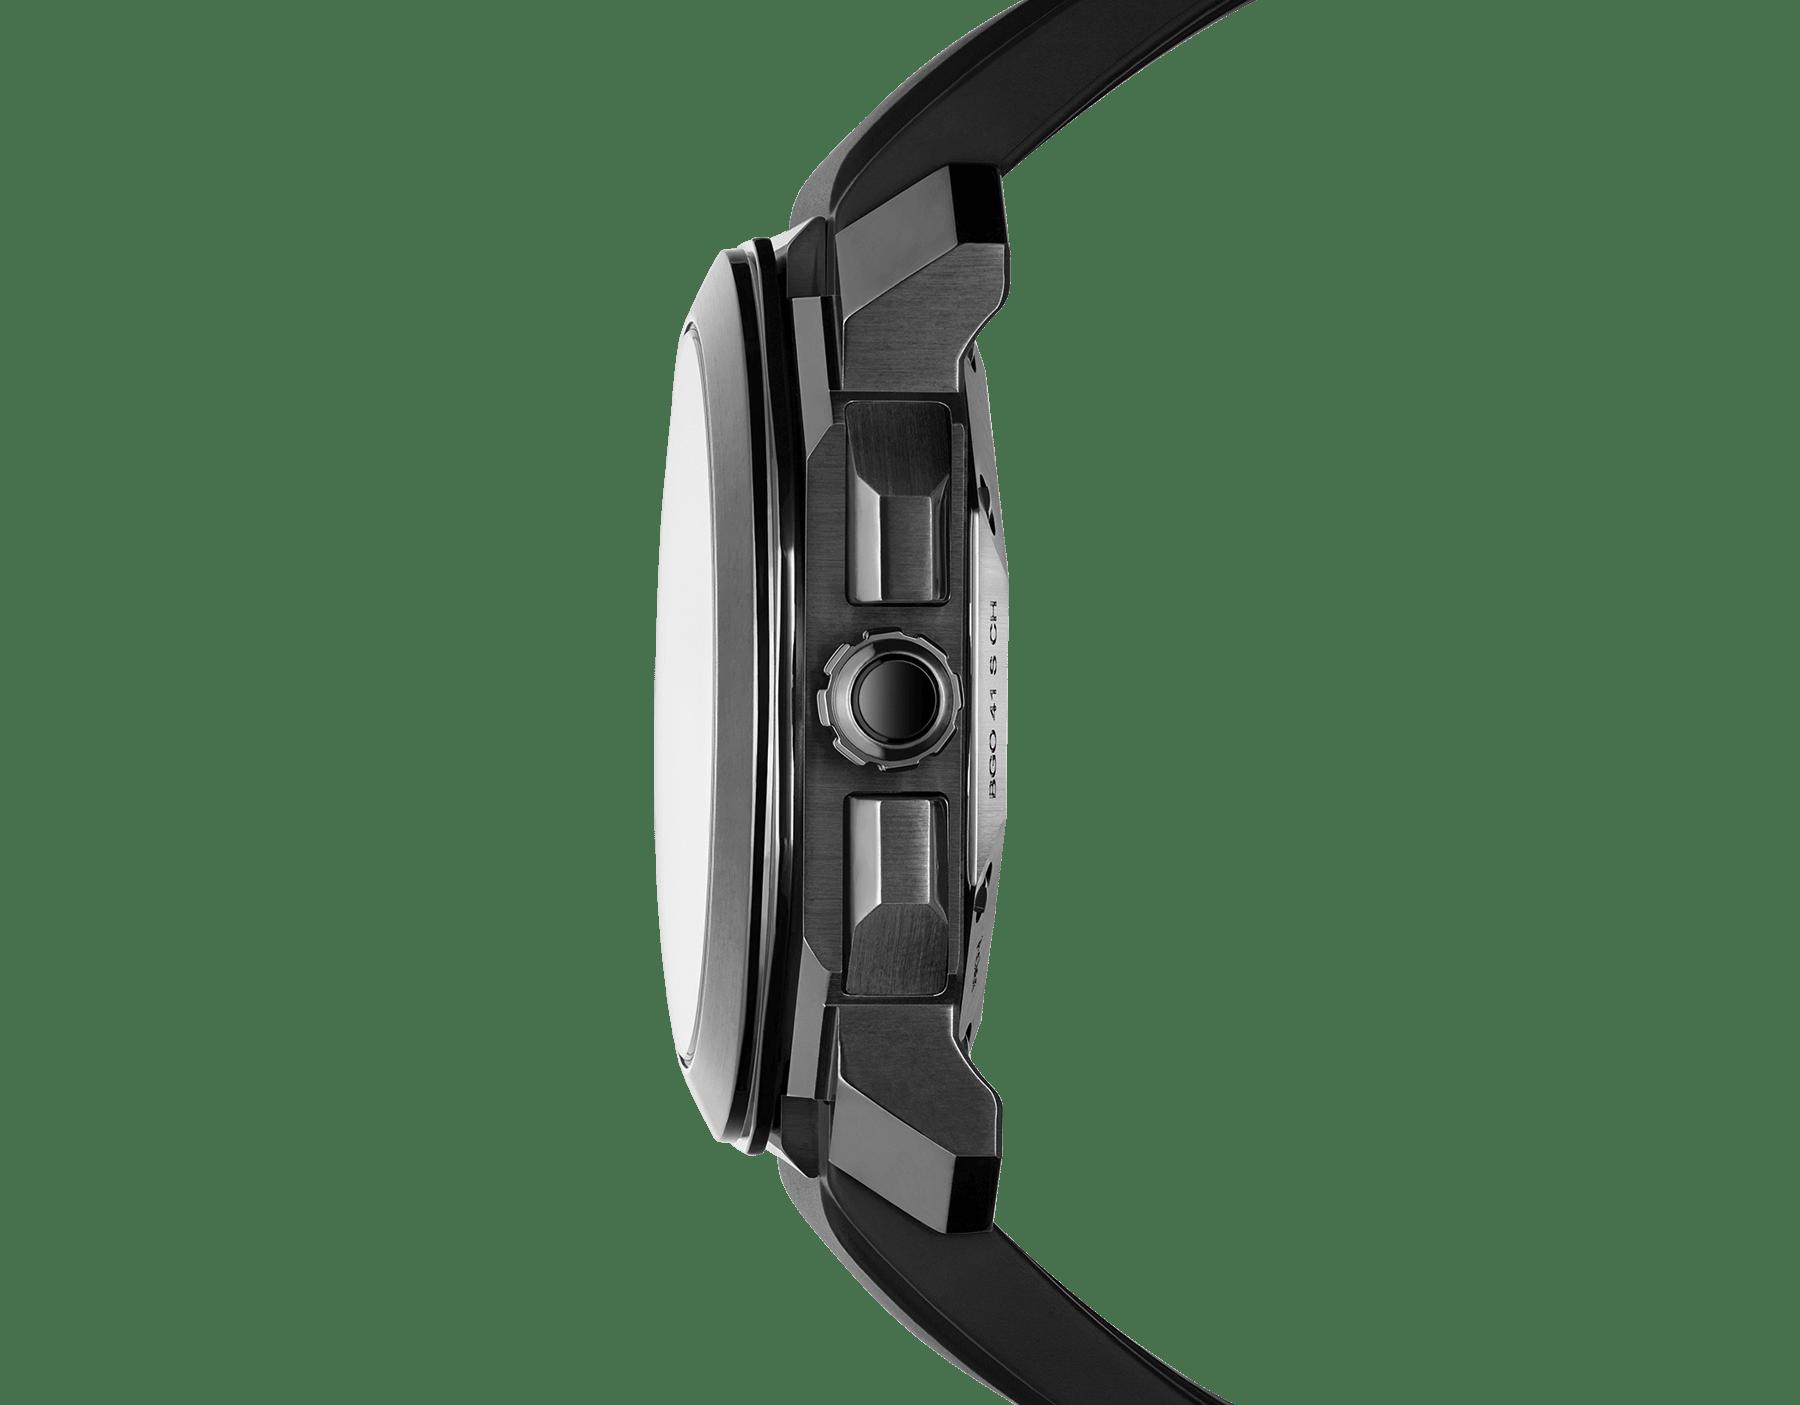 Octo L'Originale Uhr mit mechanischem Manufakturwerk, integriertem Hochfrequenz-Chronographen (5Hz), Säulenradmechanismus, Silizium-Hemmung, Automatikaufzug und Datumsanzeige, Gehäuse aus Edelstahl mit schwarzer DLC (Diamond Like Carbon)-Beschichtung, grauem Zifferblatt und schwarzem Kautschukarmband 103027 image 3